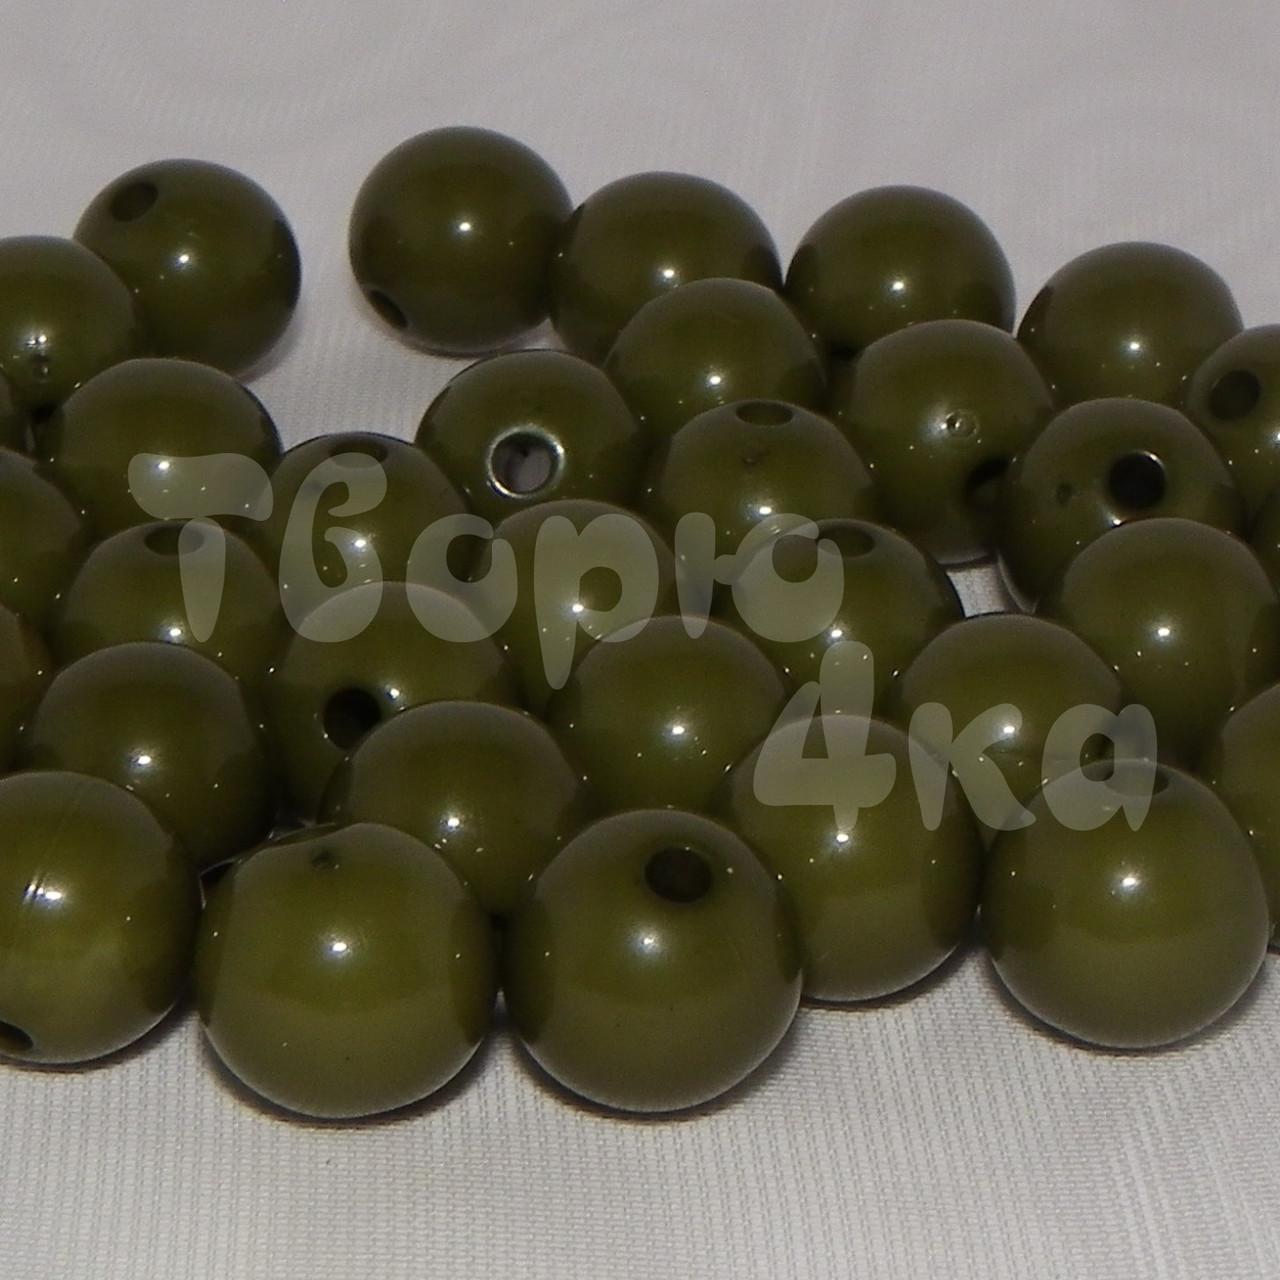 Бусина пластиковая глянцевая 10 мм оливковая